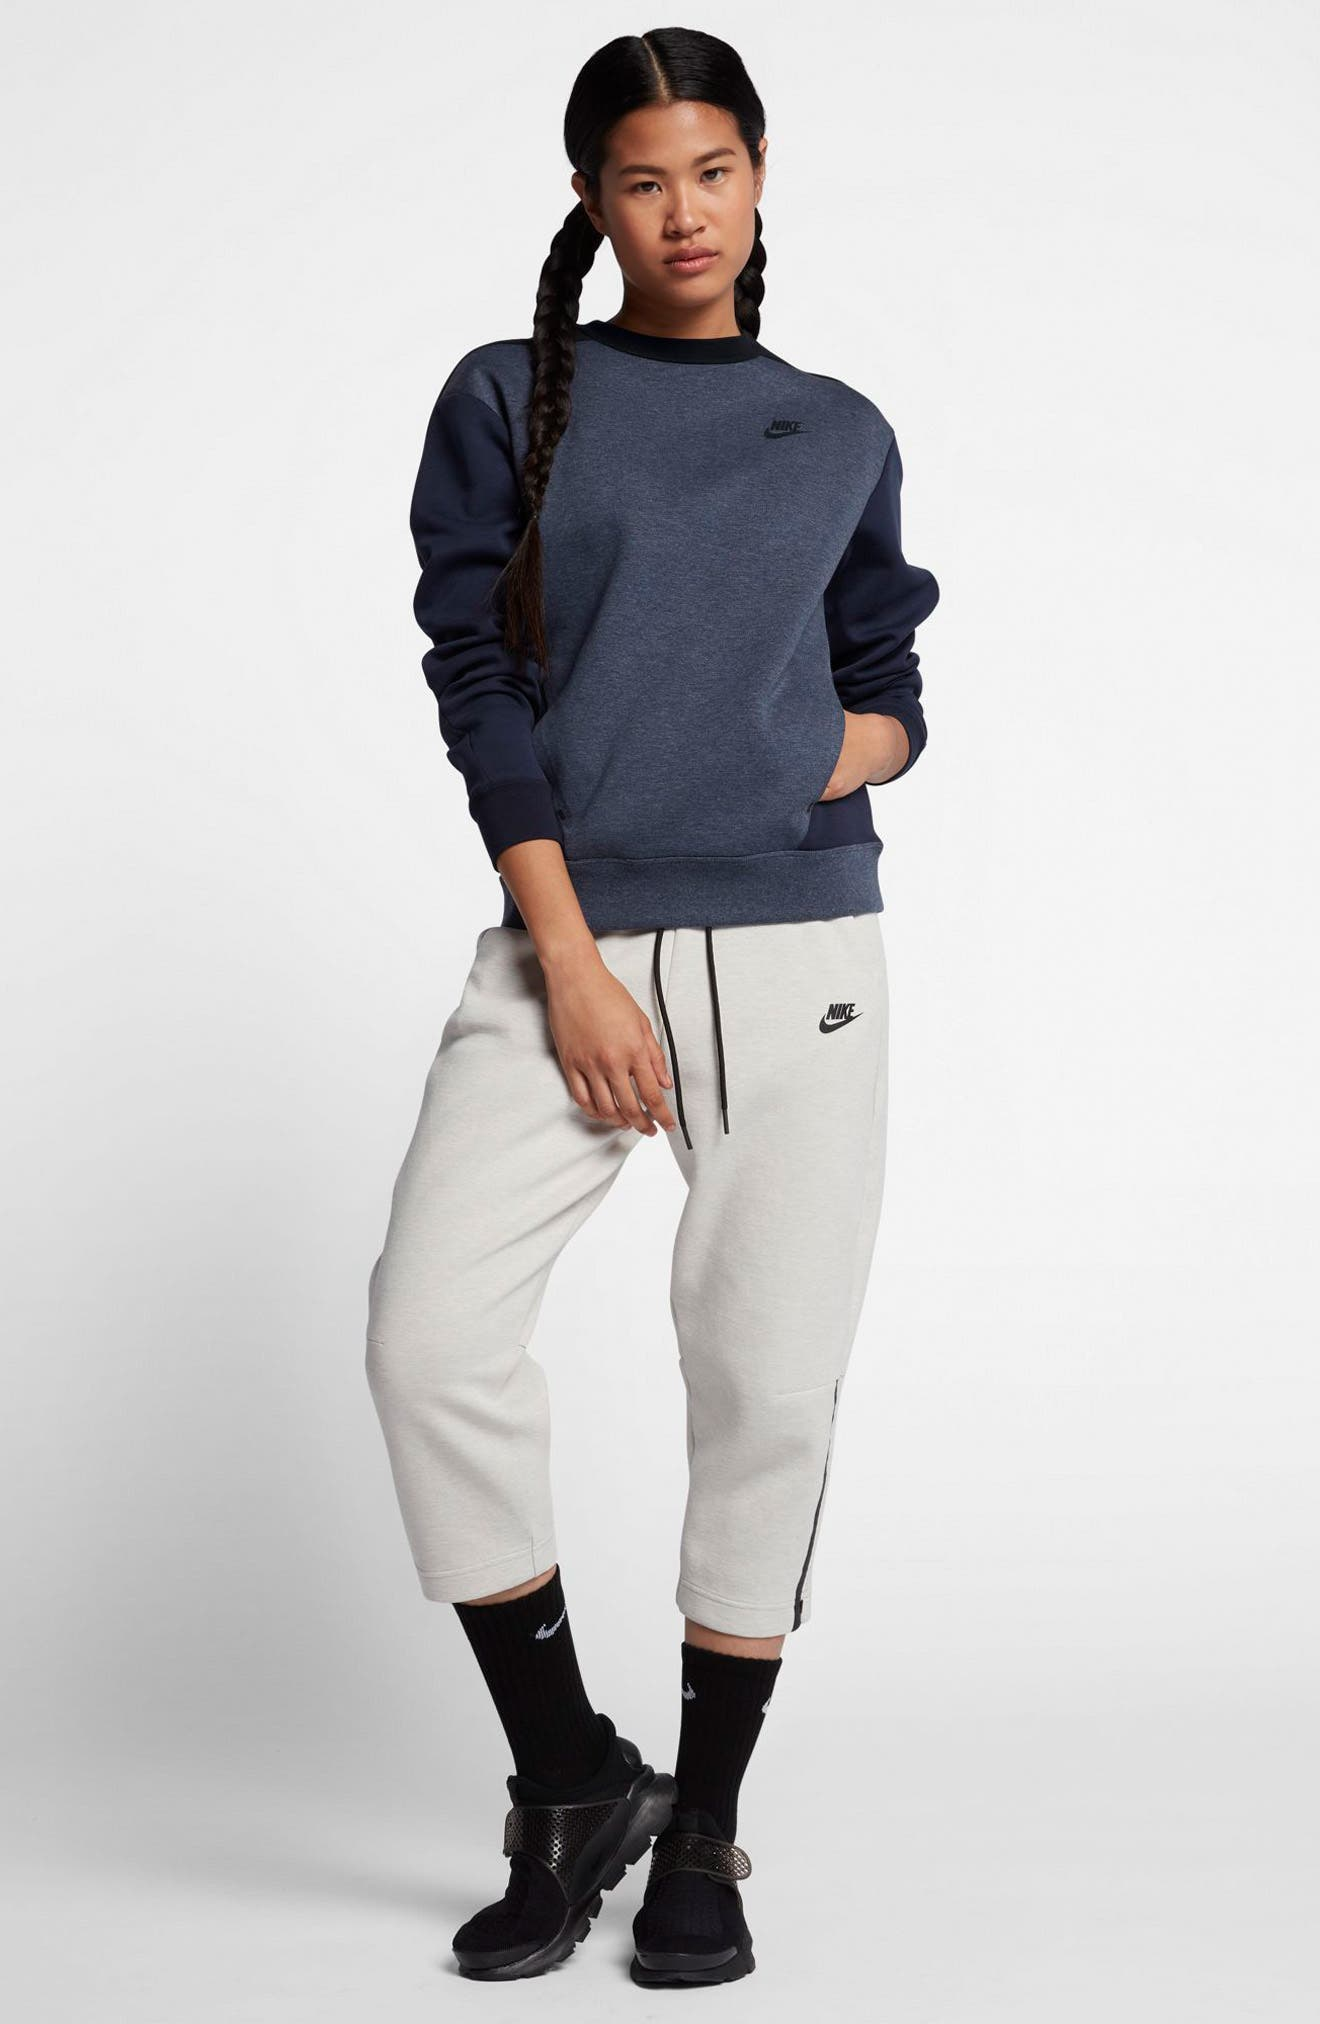 Sportswear Women's Tech Fleece Crew,                             Alternate thumbnail 2, color,                             Obsidian/ Black/ Black